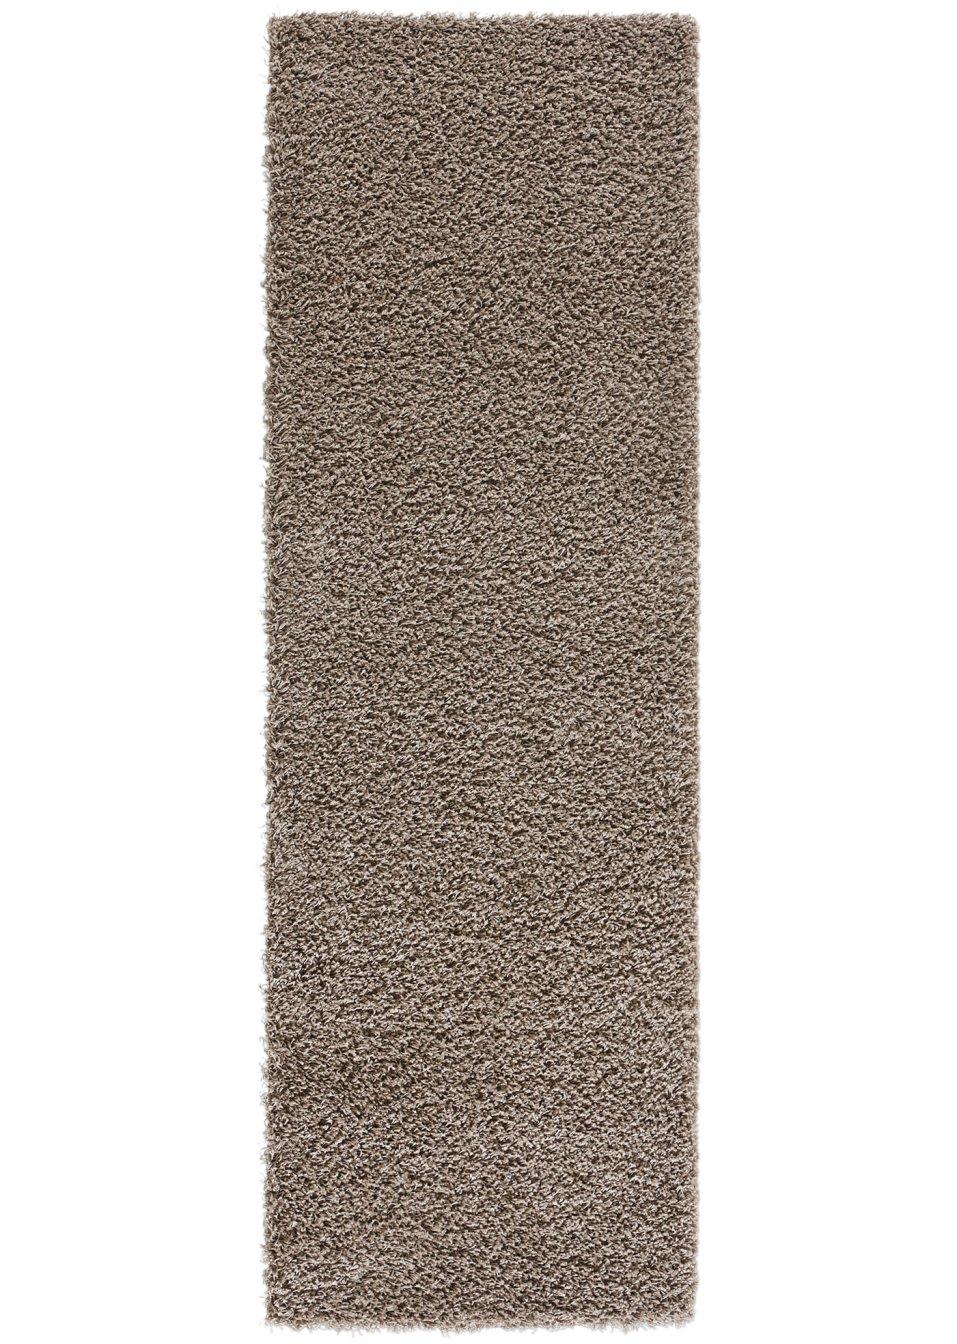 Teppich 24  Teppiche | Entdecken Deinen neuen Teppich | bonprix